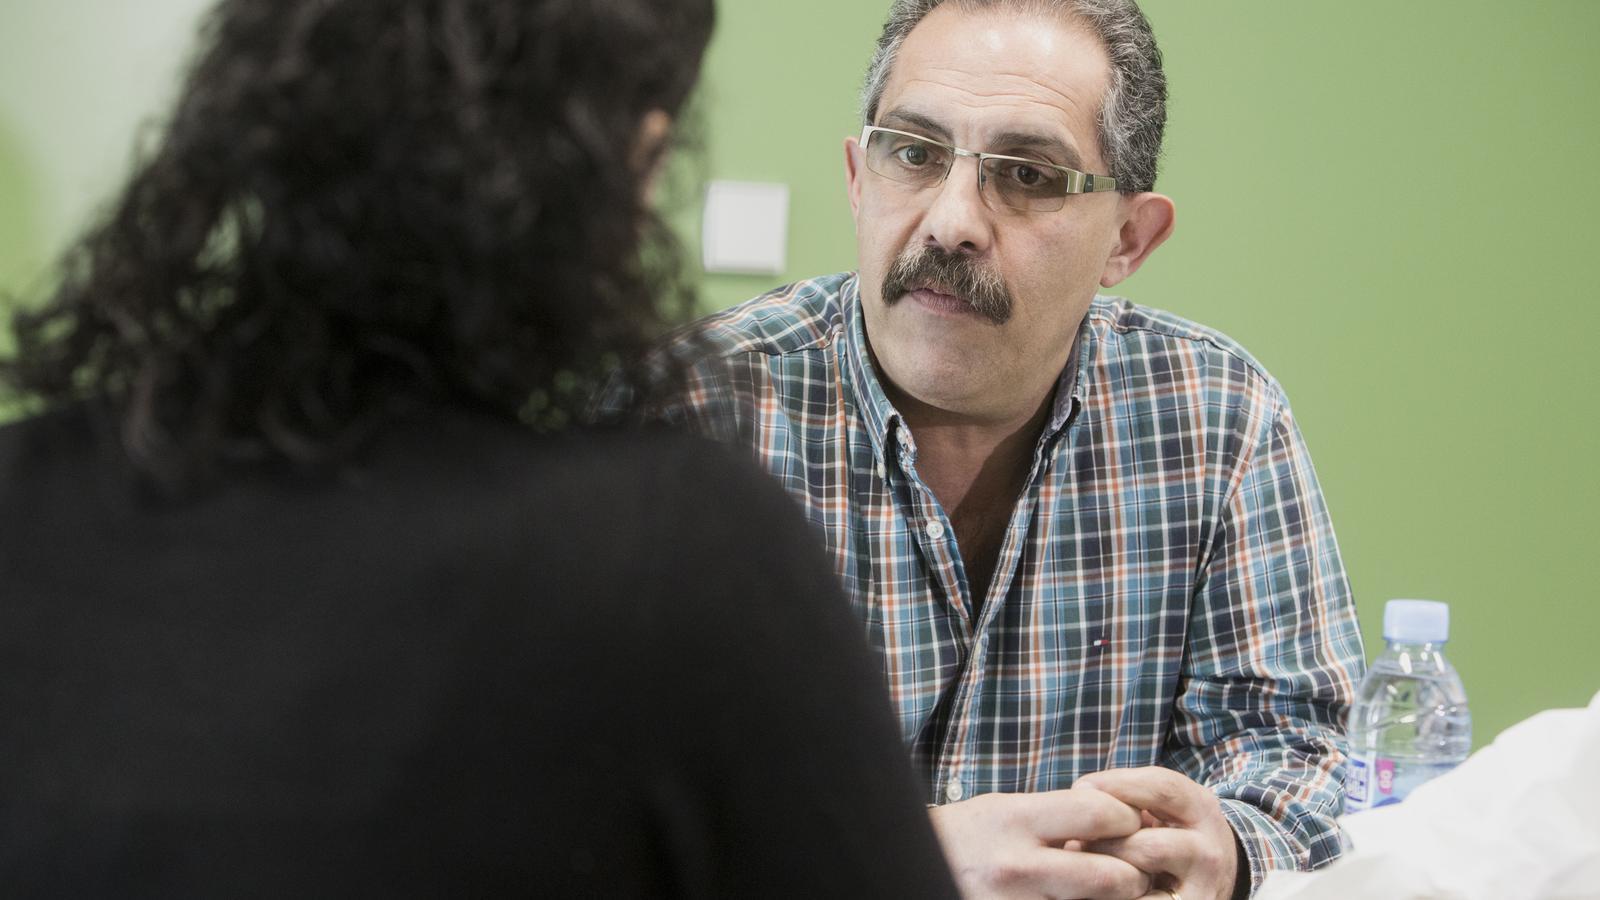 En Josep Maria és un dels tècnics que treballa al servei d'acompanyament de les víctimes